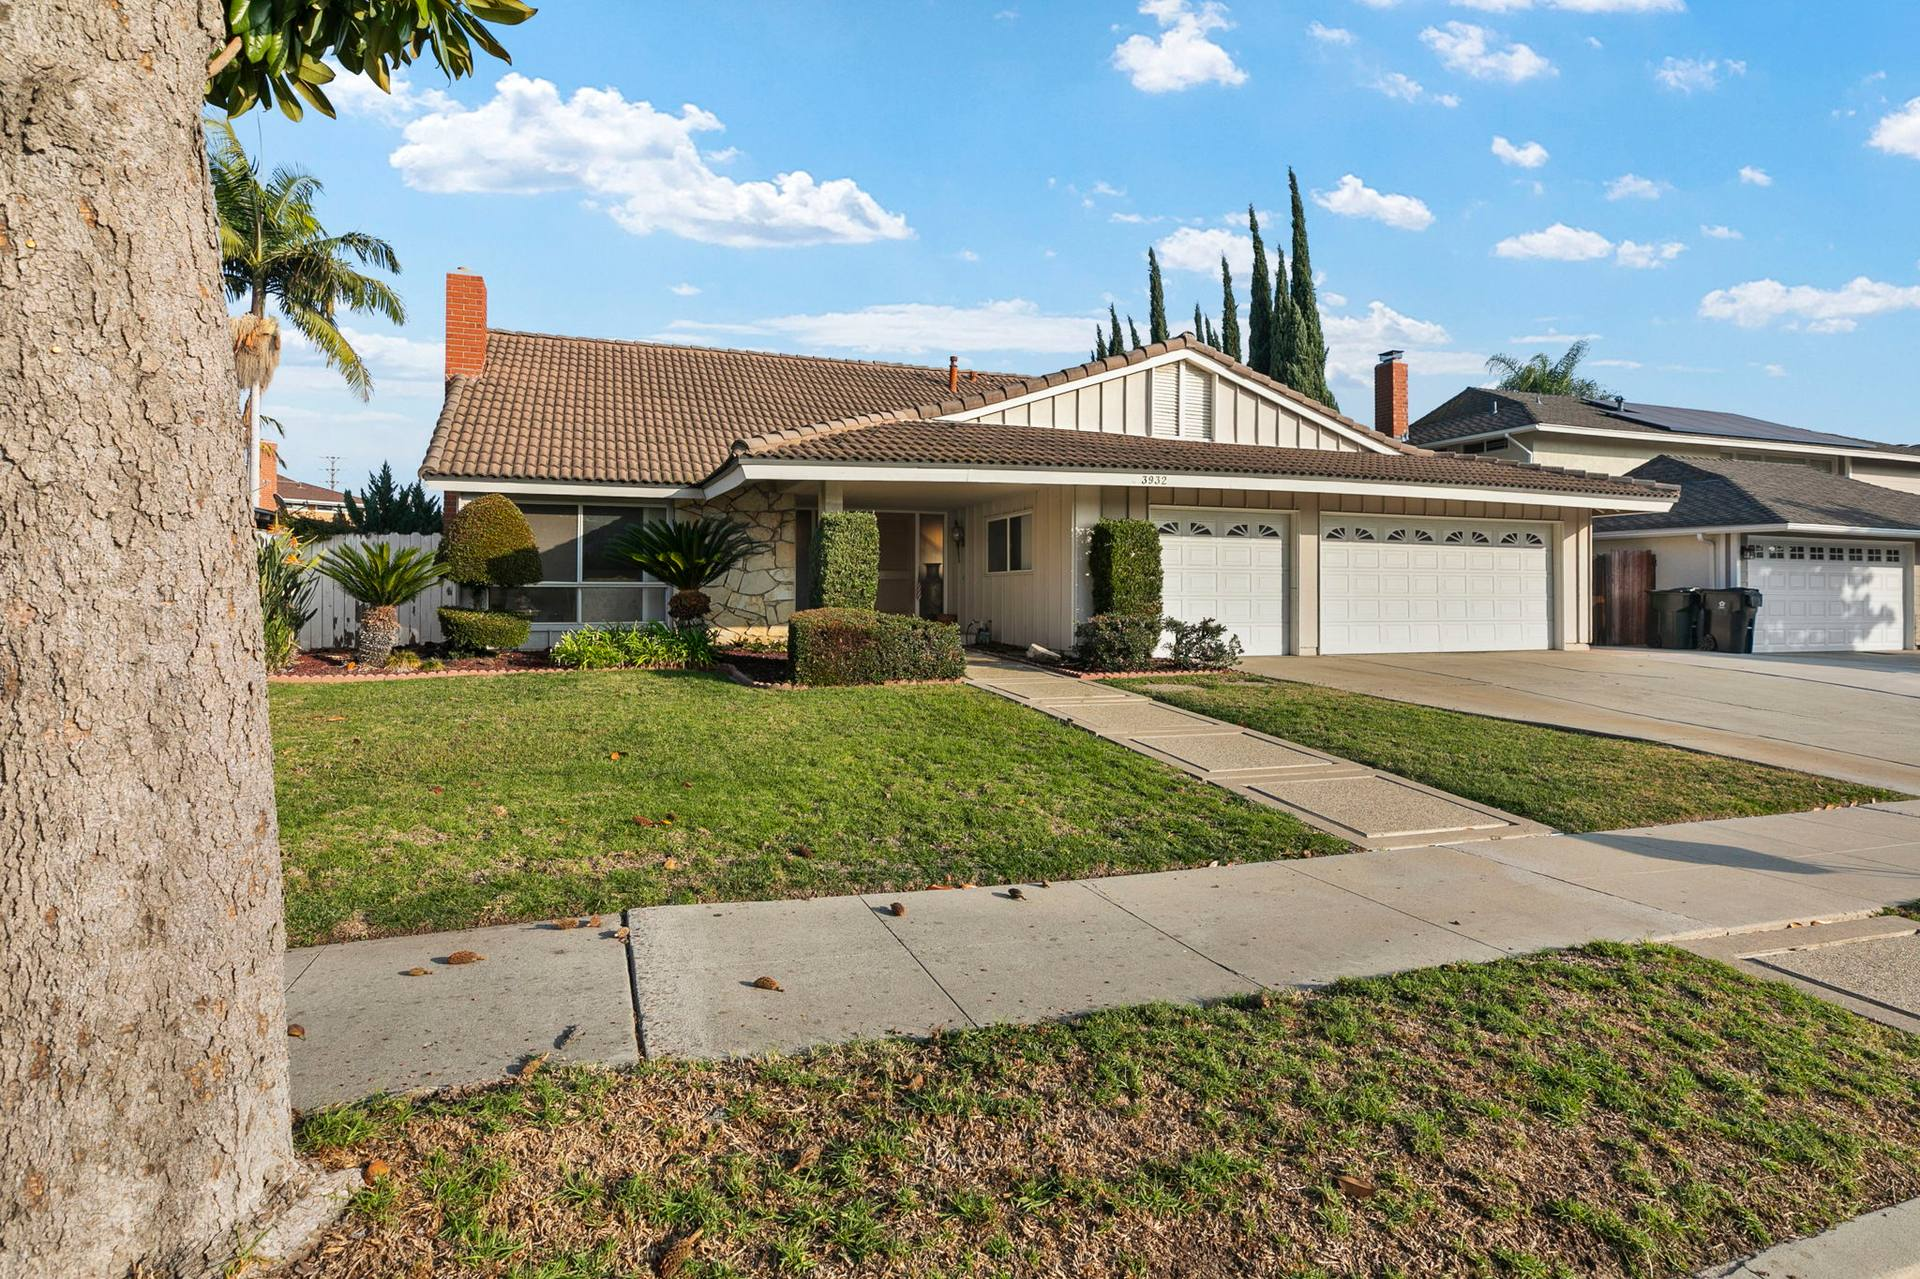 3932 Bonita Pl, Fullerton, CA 92835, US